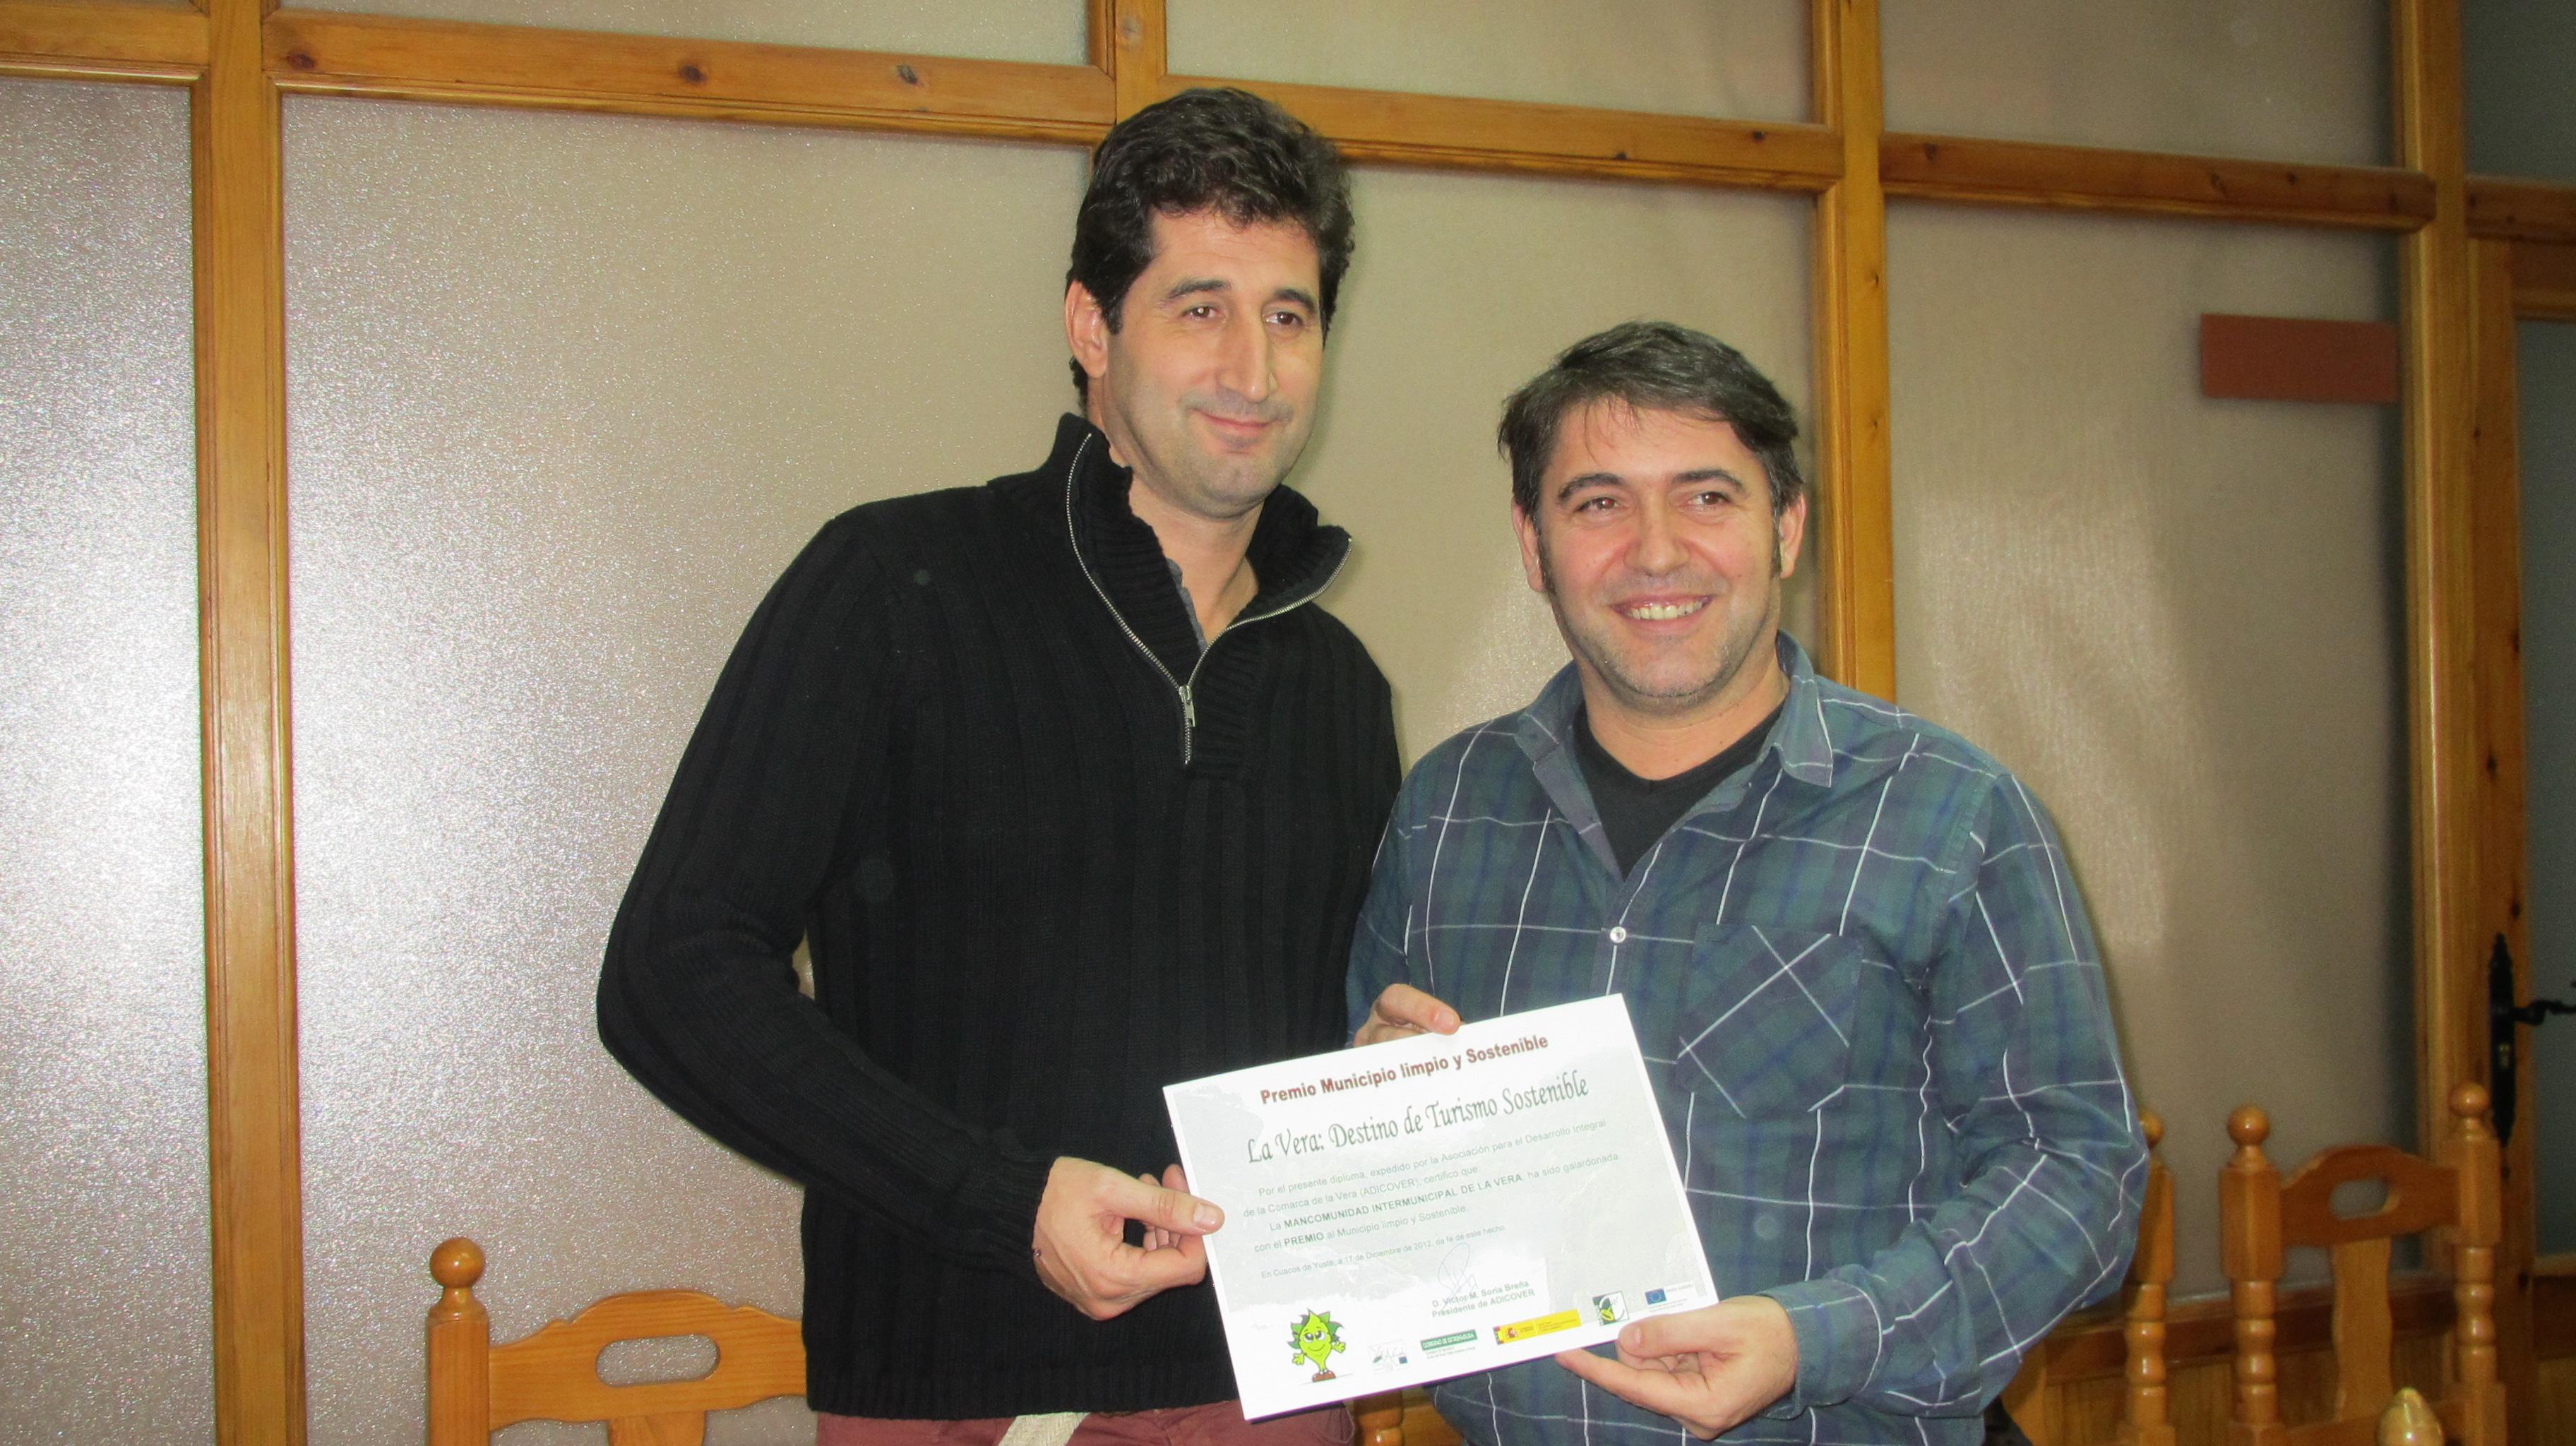 La Mancomunidad de la Vera distinguida con el premio 'Municipio limpio y sostenible'